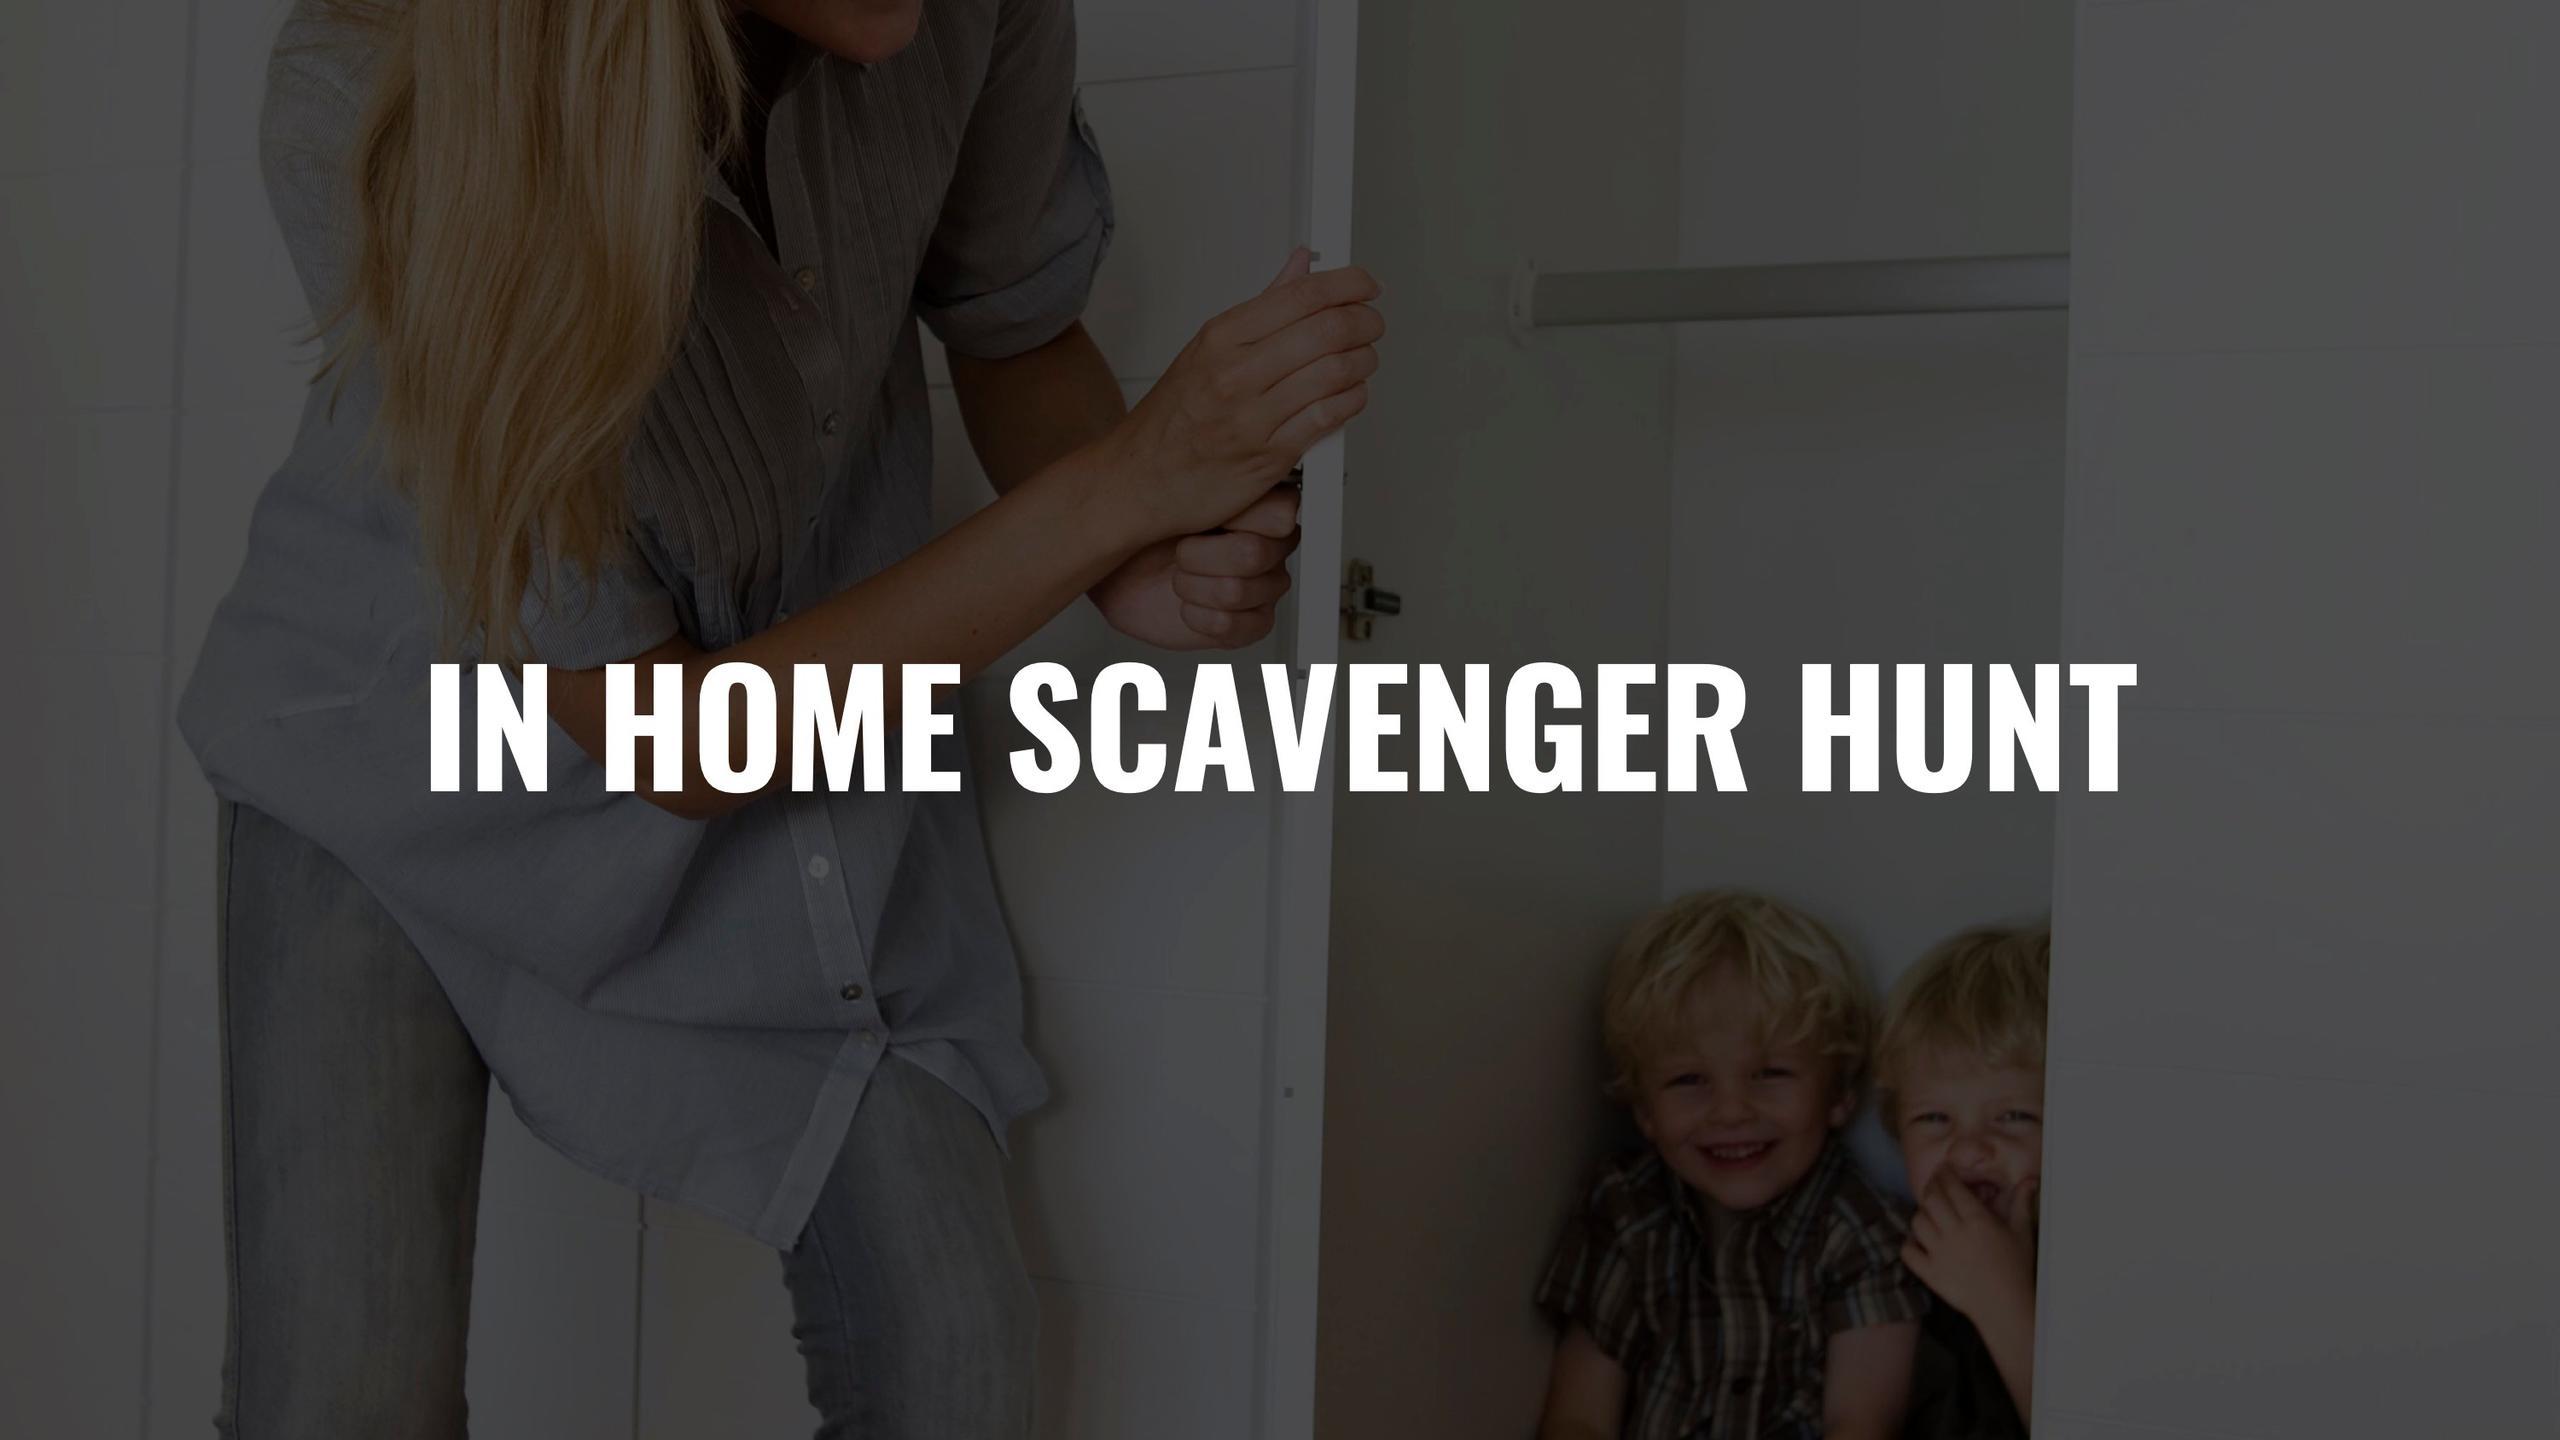 In Home Scavenger Hunt